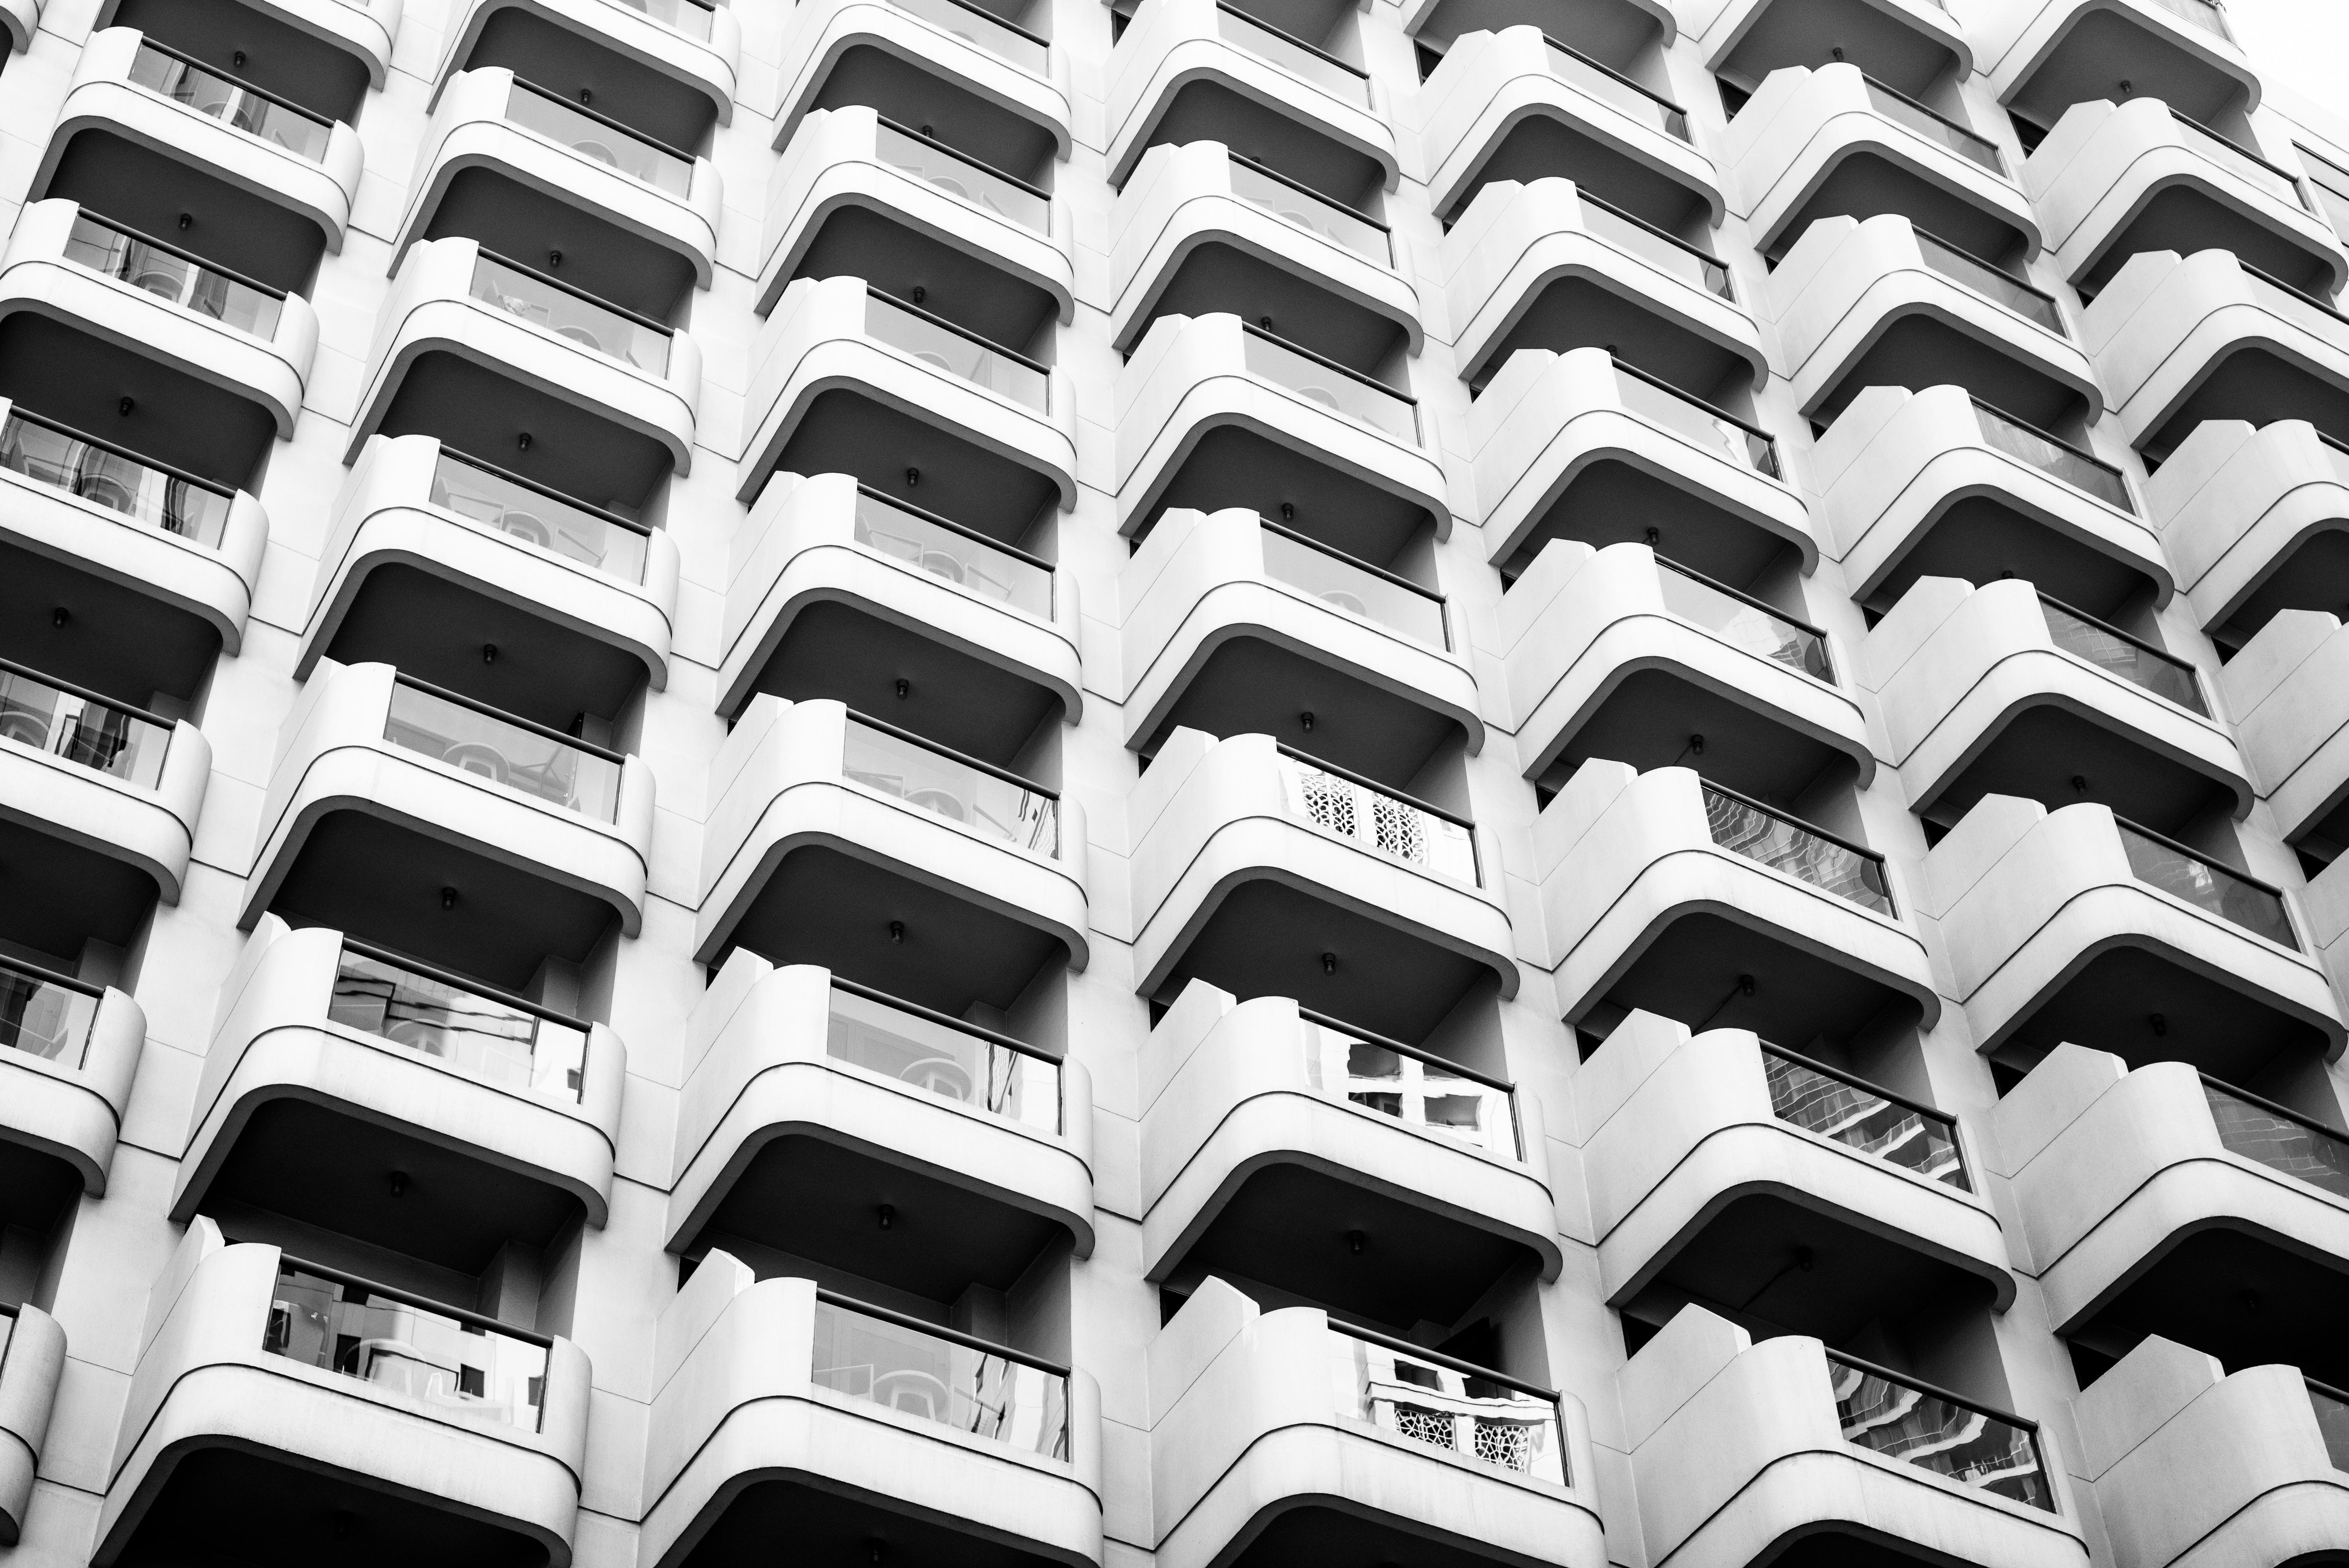 Apartment complex.